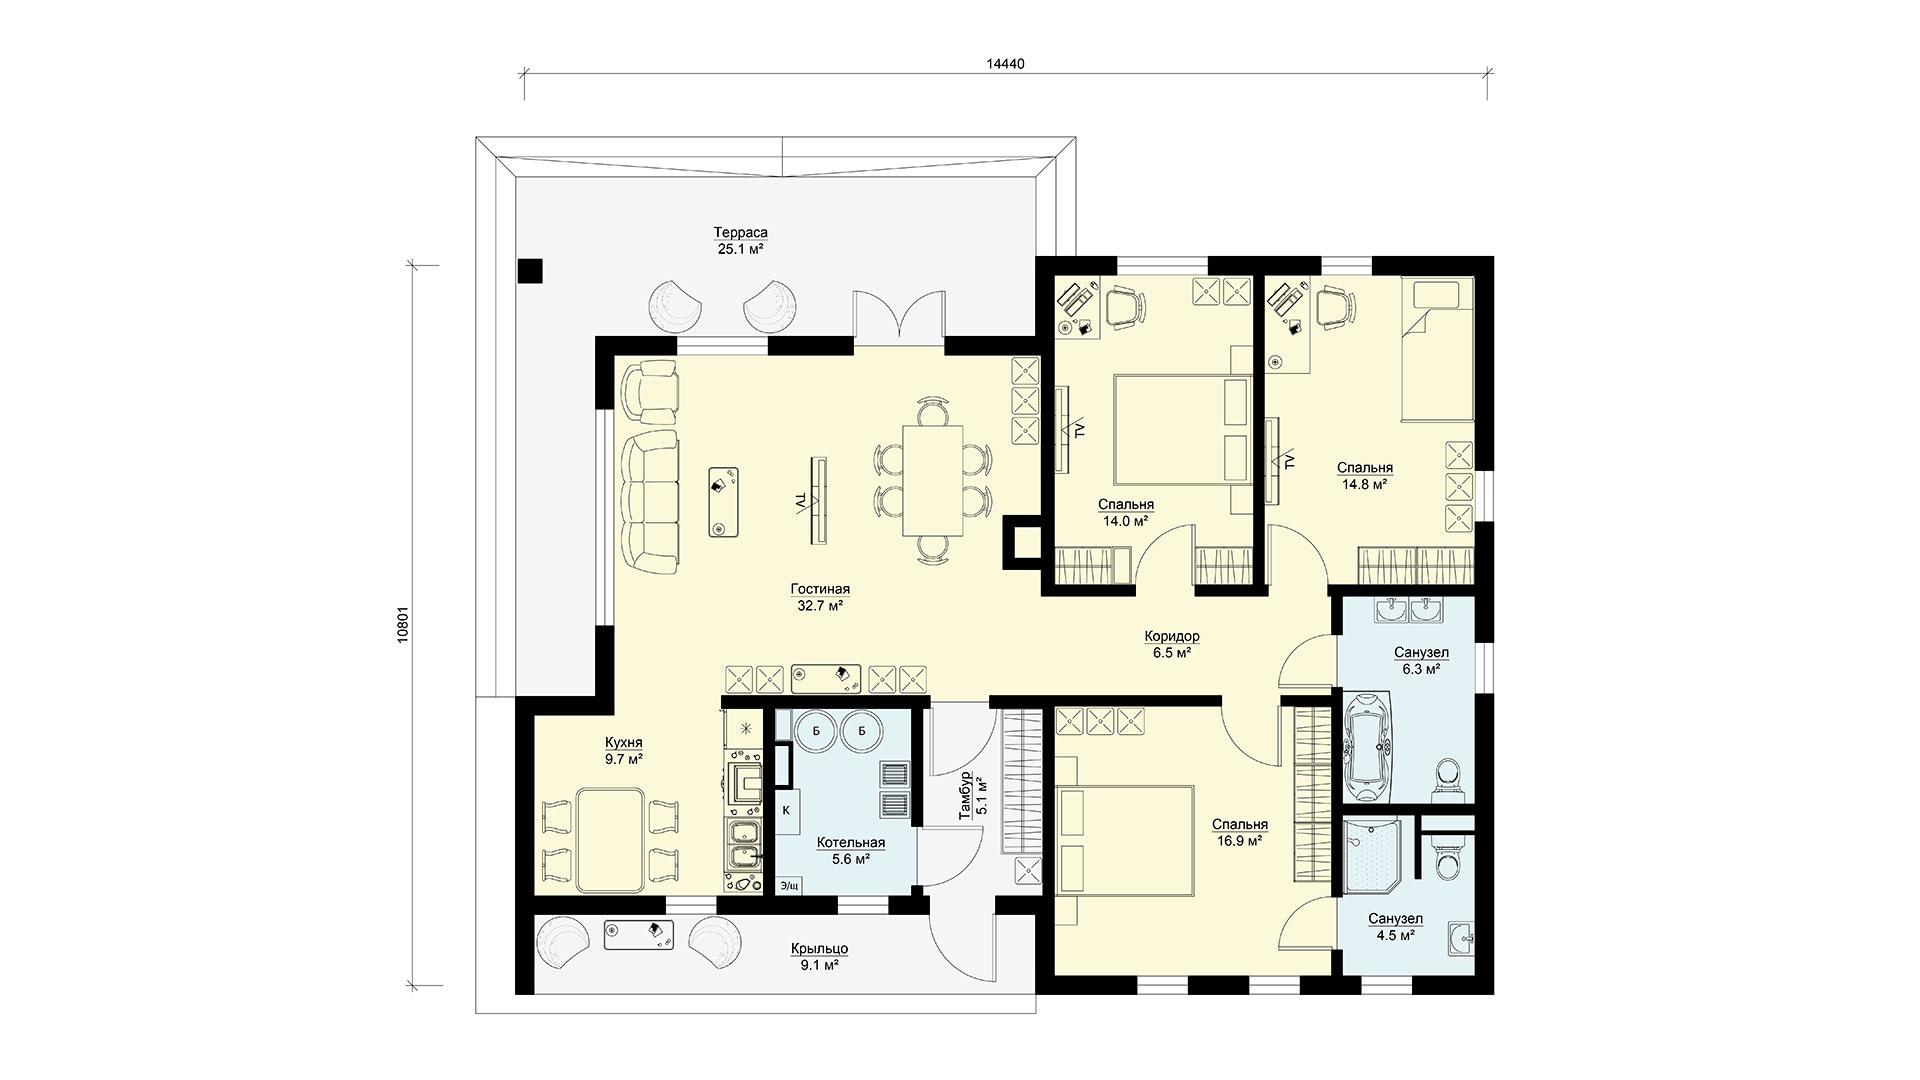 Планировка дачного дома МС-148 в коттеджном поселке Берег Песочной в Истринском районе Подмосковья.